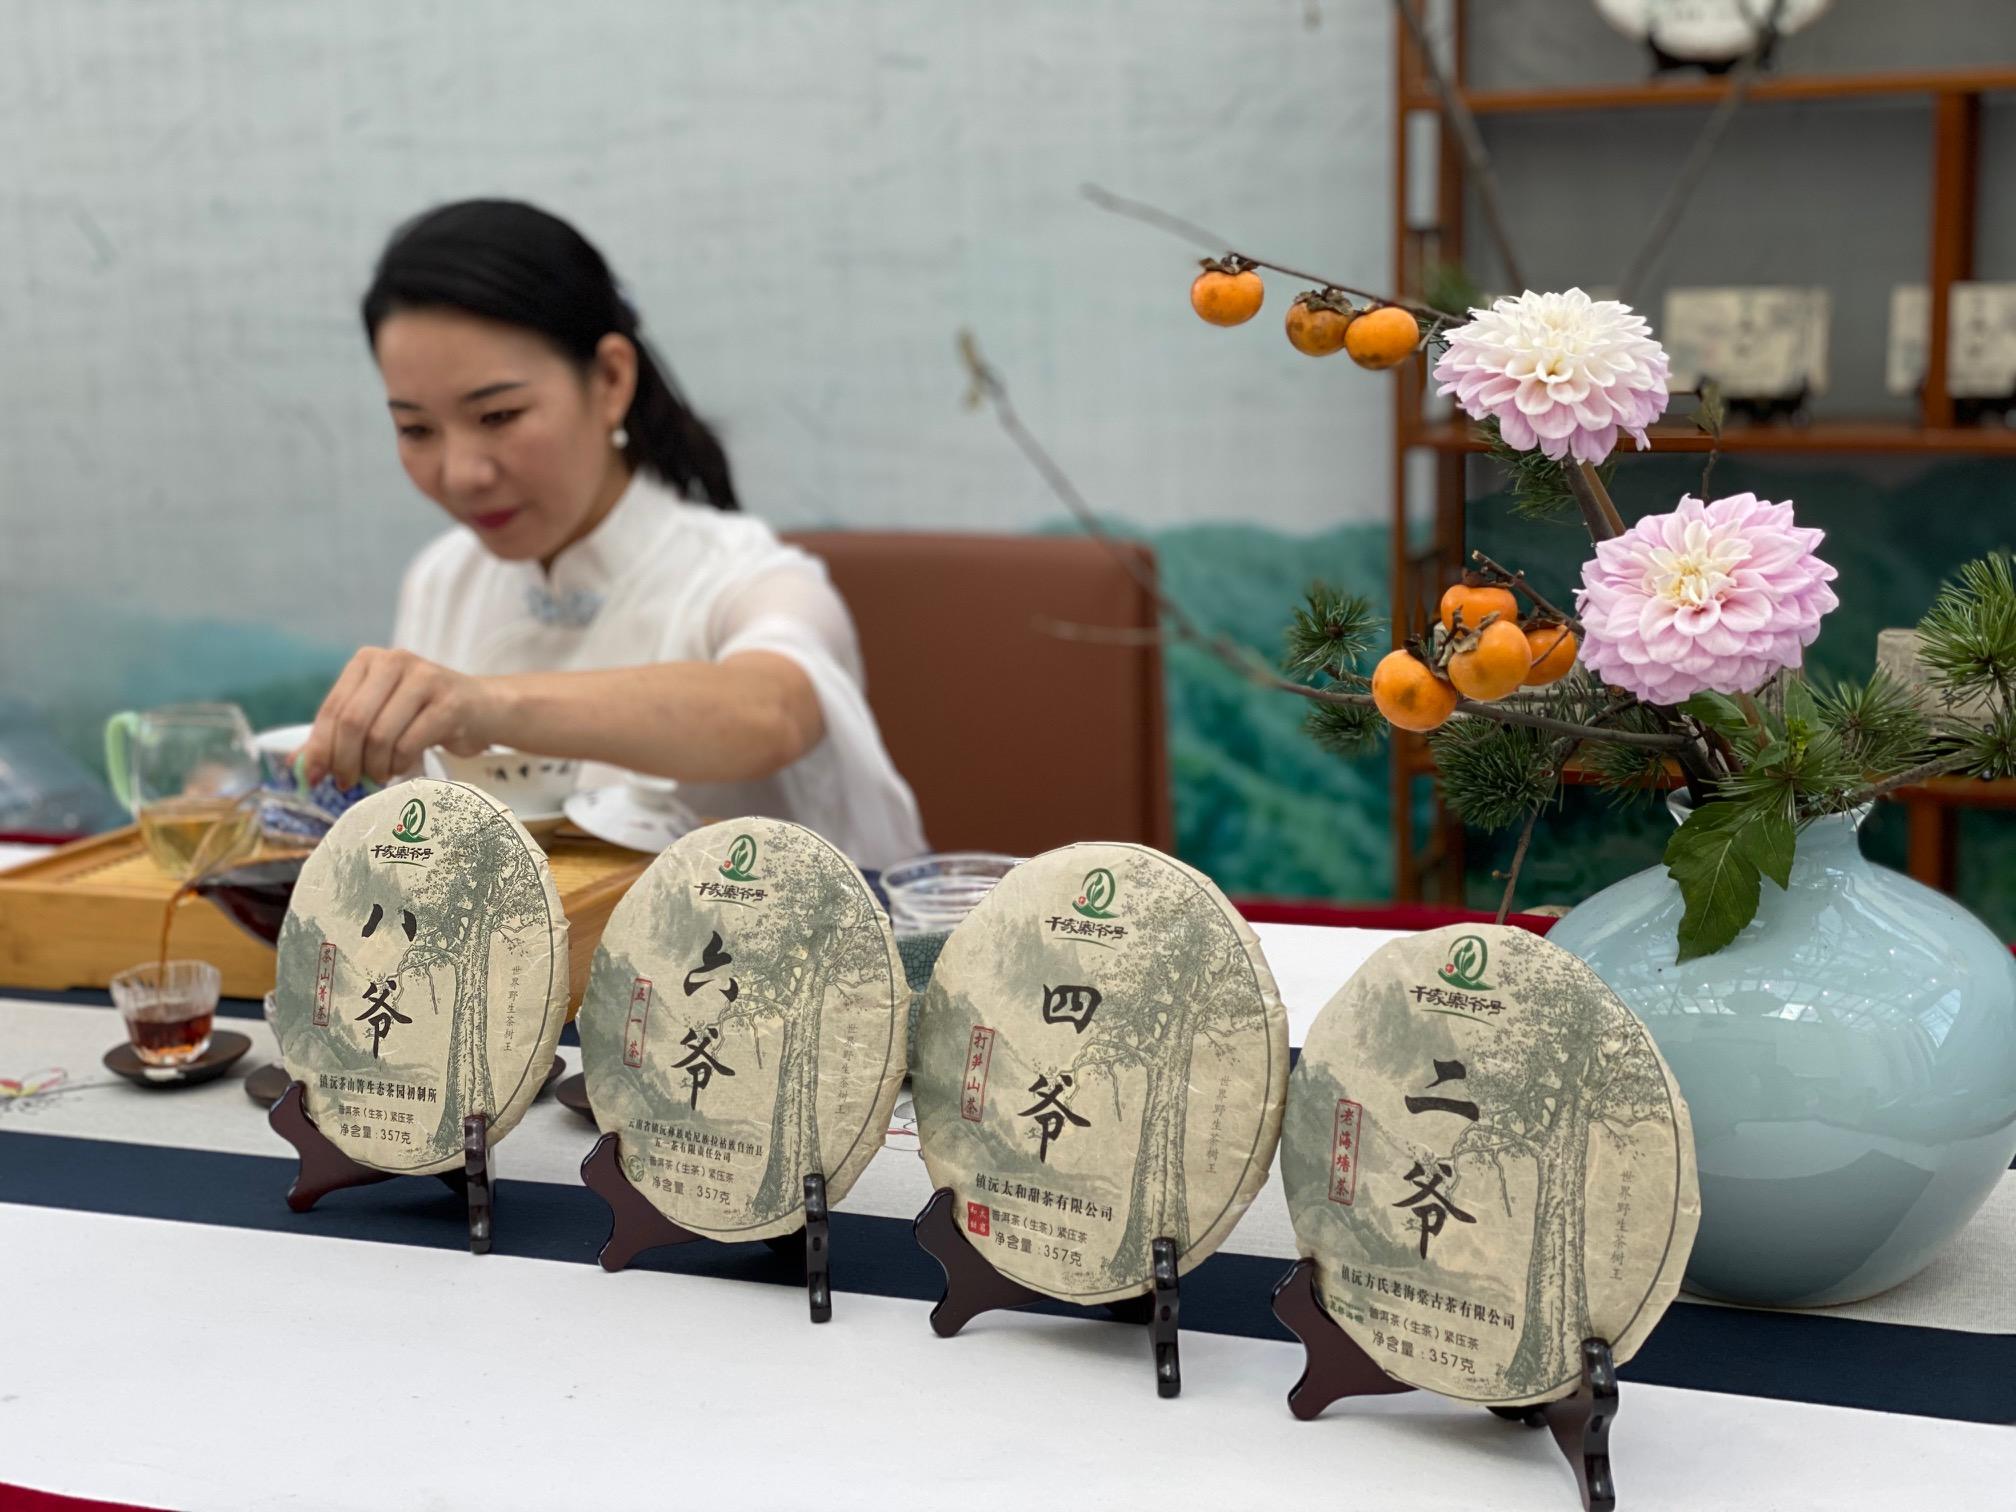 普洱镇沅县八大产区的普洱茶分别叫大爷、二爷、四爷、八爷澎湃新闻记者 俞凯 图